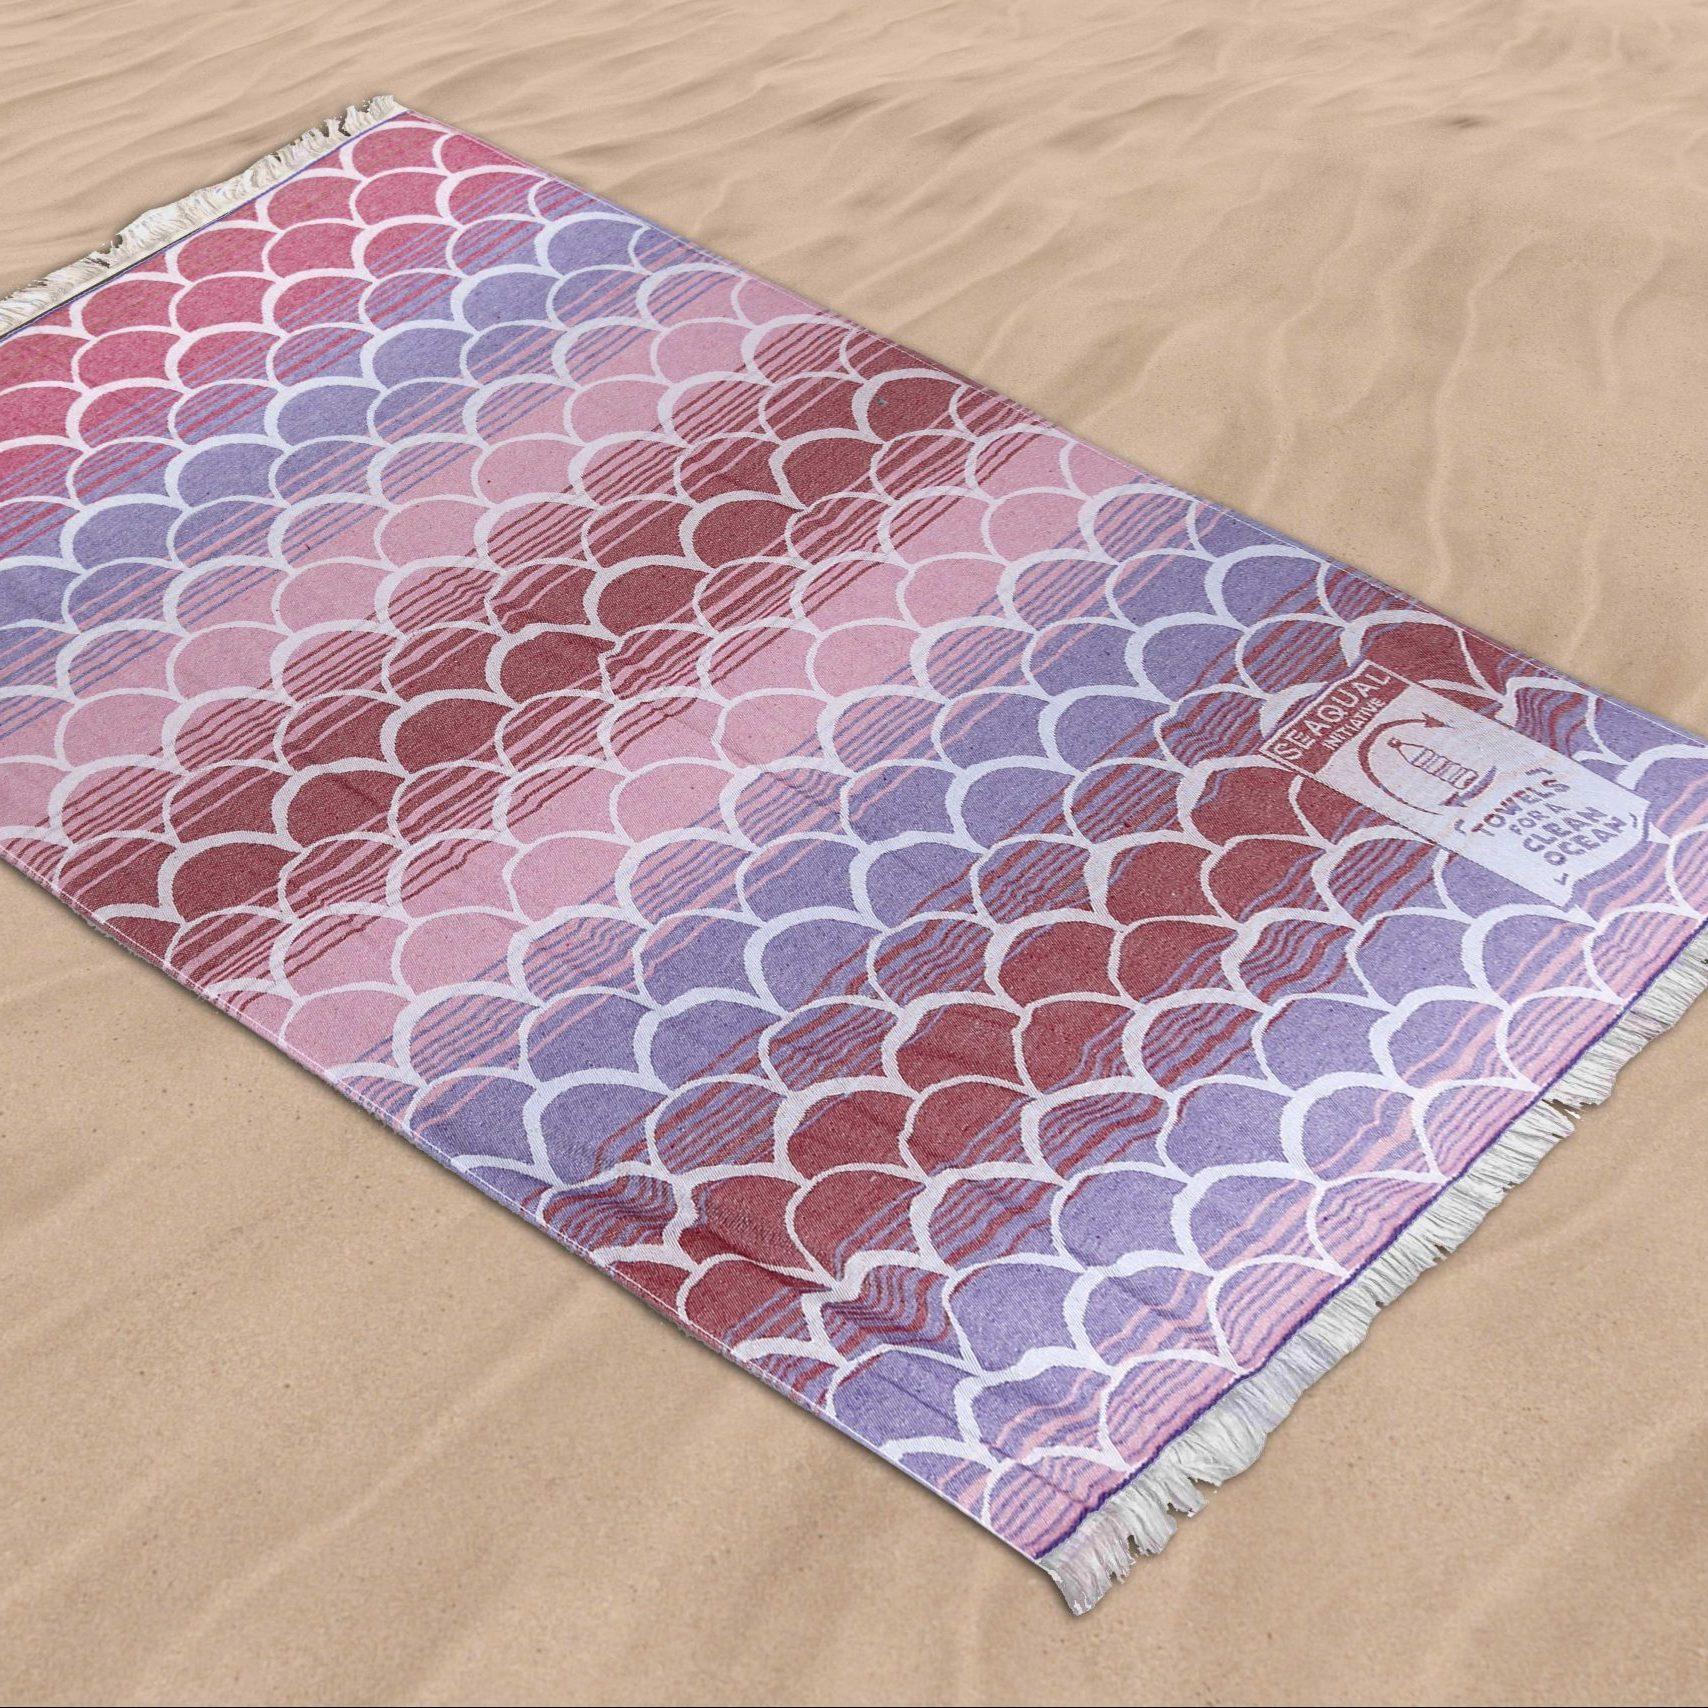 Blanclair ARO3747 - Serviette plage seaqual 100% recyclé - écailles rose